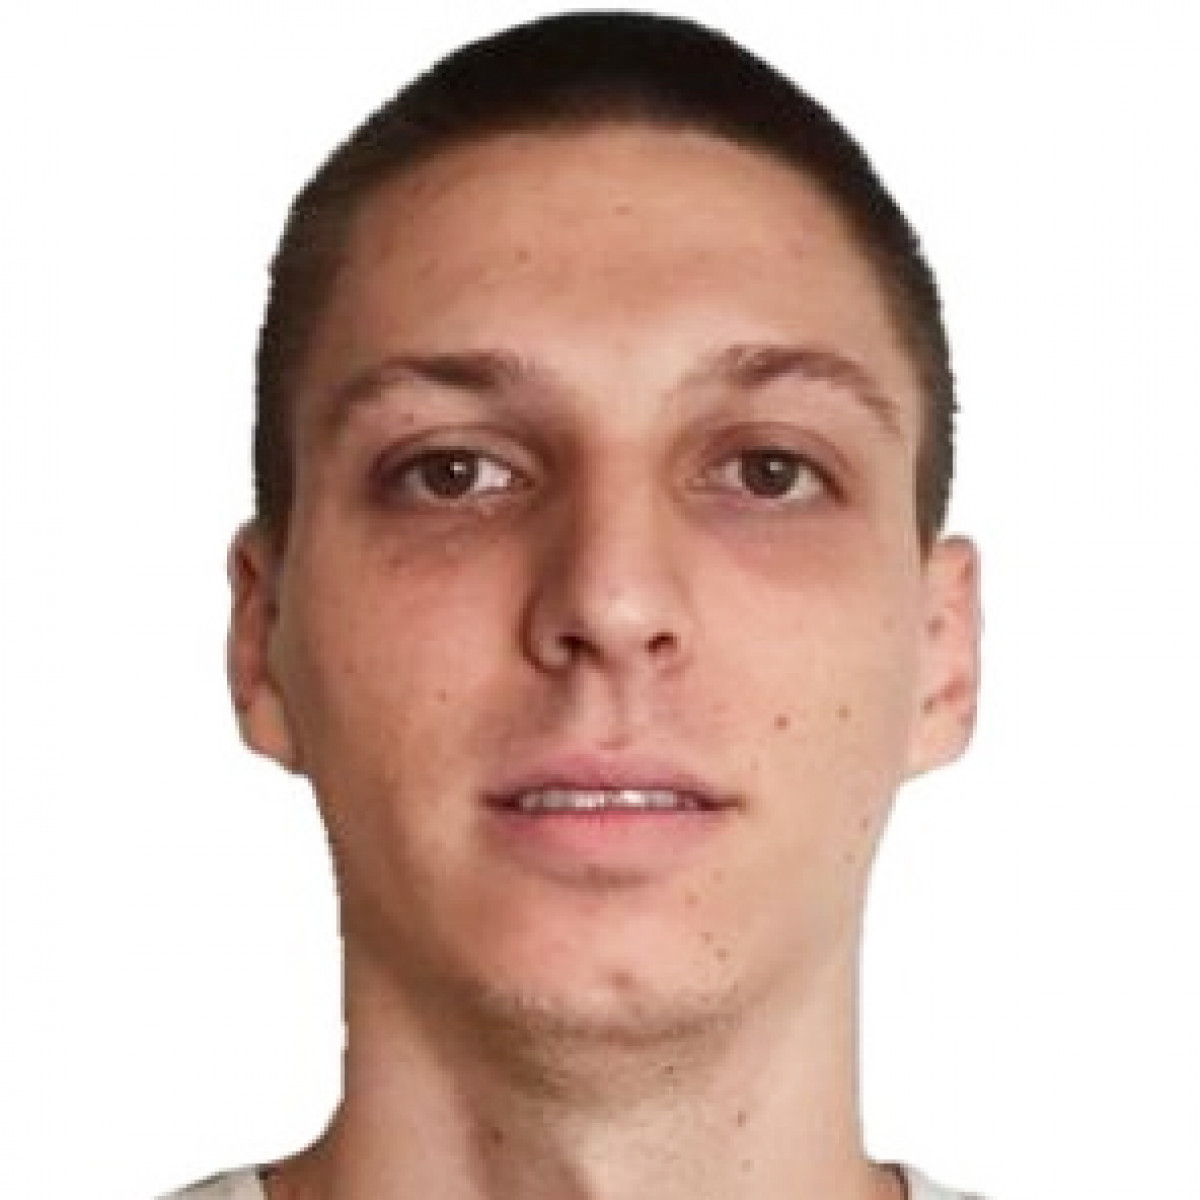 Robert Kujundzic